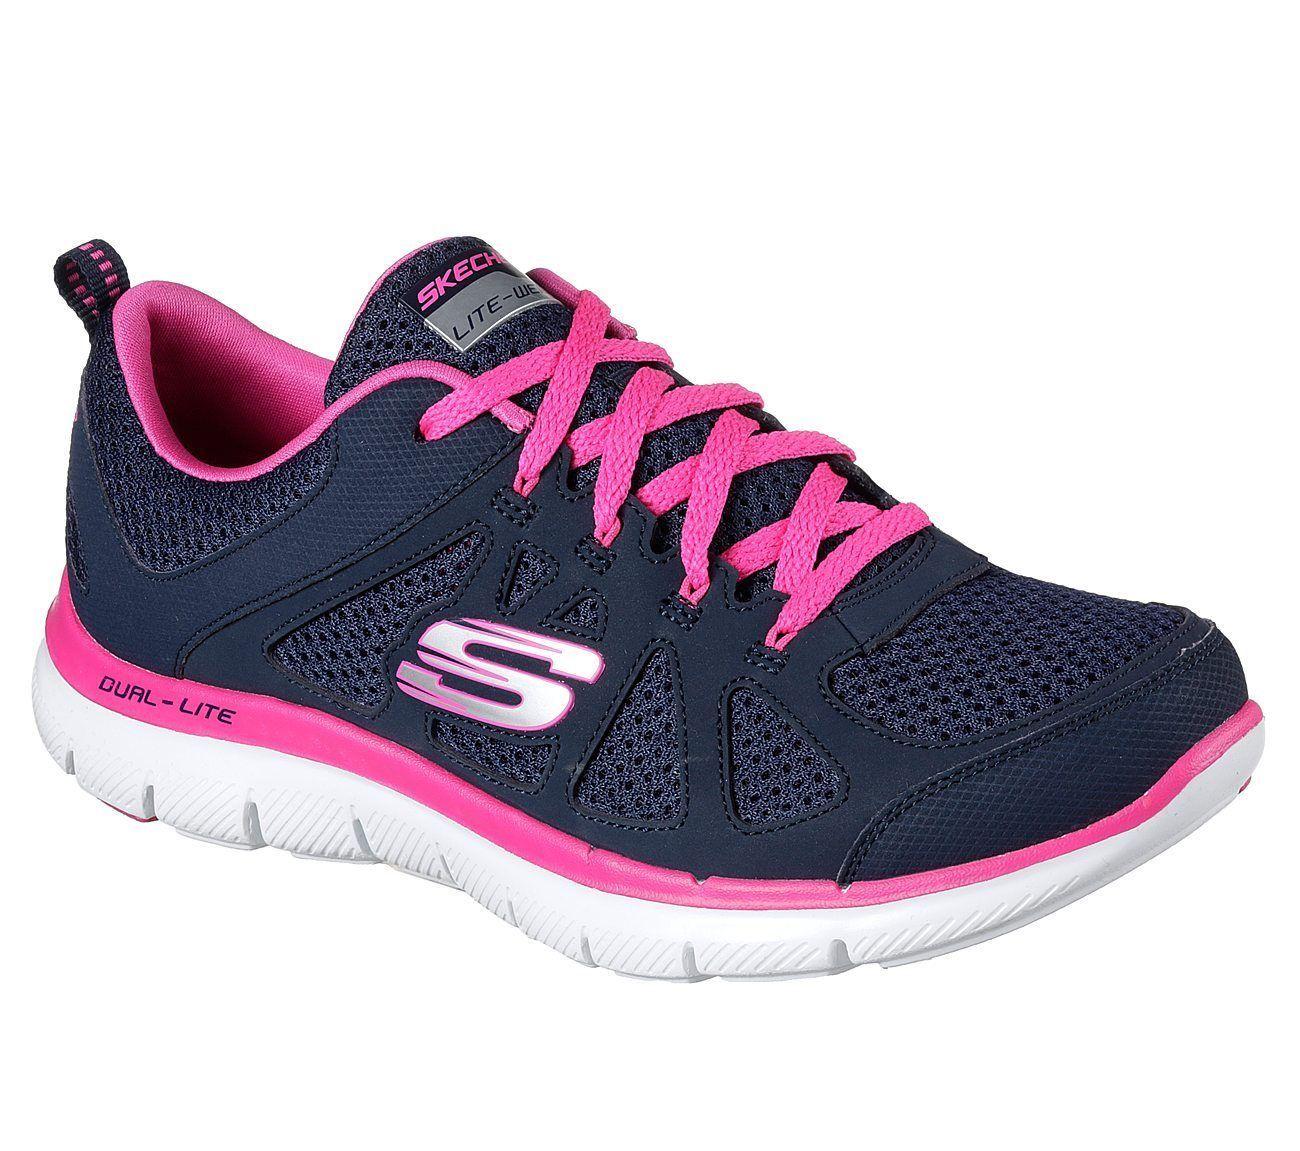 0bb3f37b68a3 12761 Navy Hot Pink Skechers Shoe Women Memory Foam Sport Train Comfort Flex